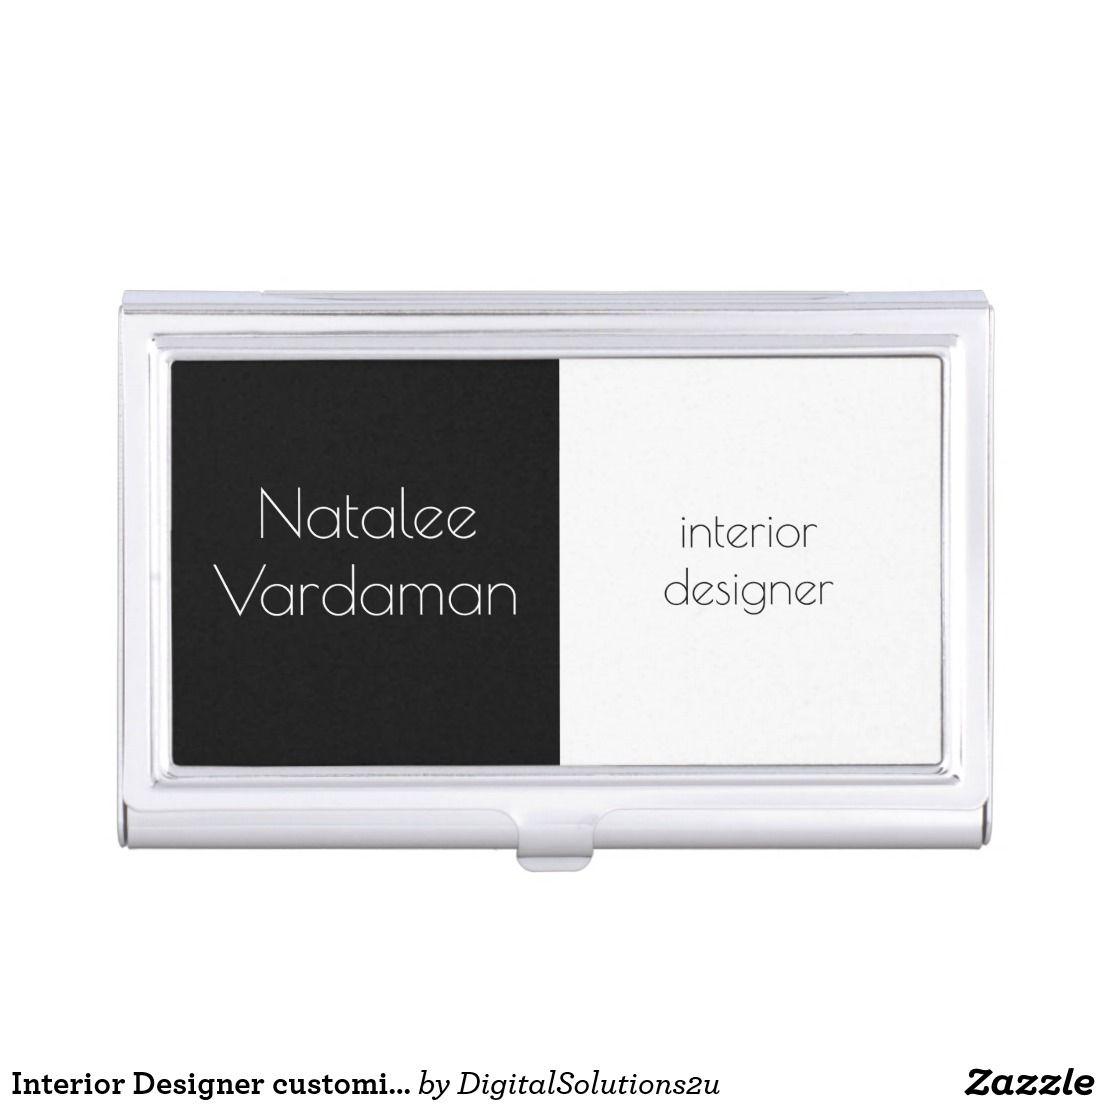 Interior designer customizable simple elegant business card holder interior designer customizable simple elegant business card holder colourmoves